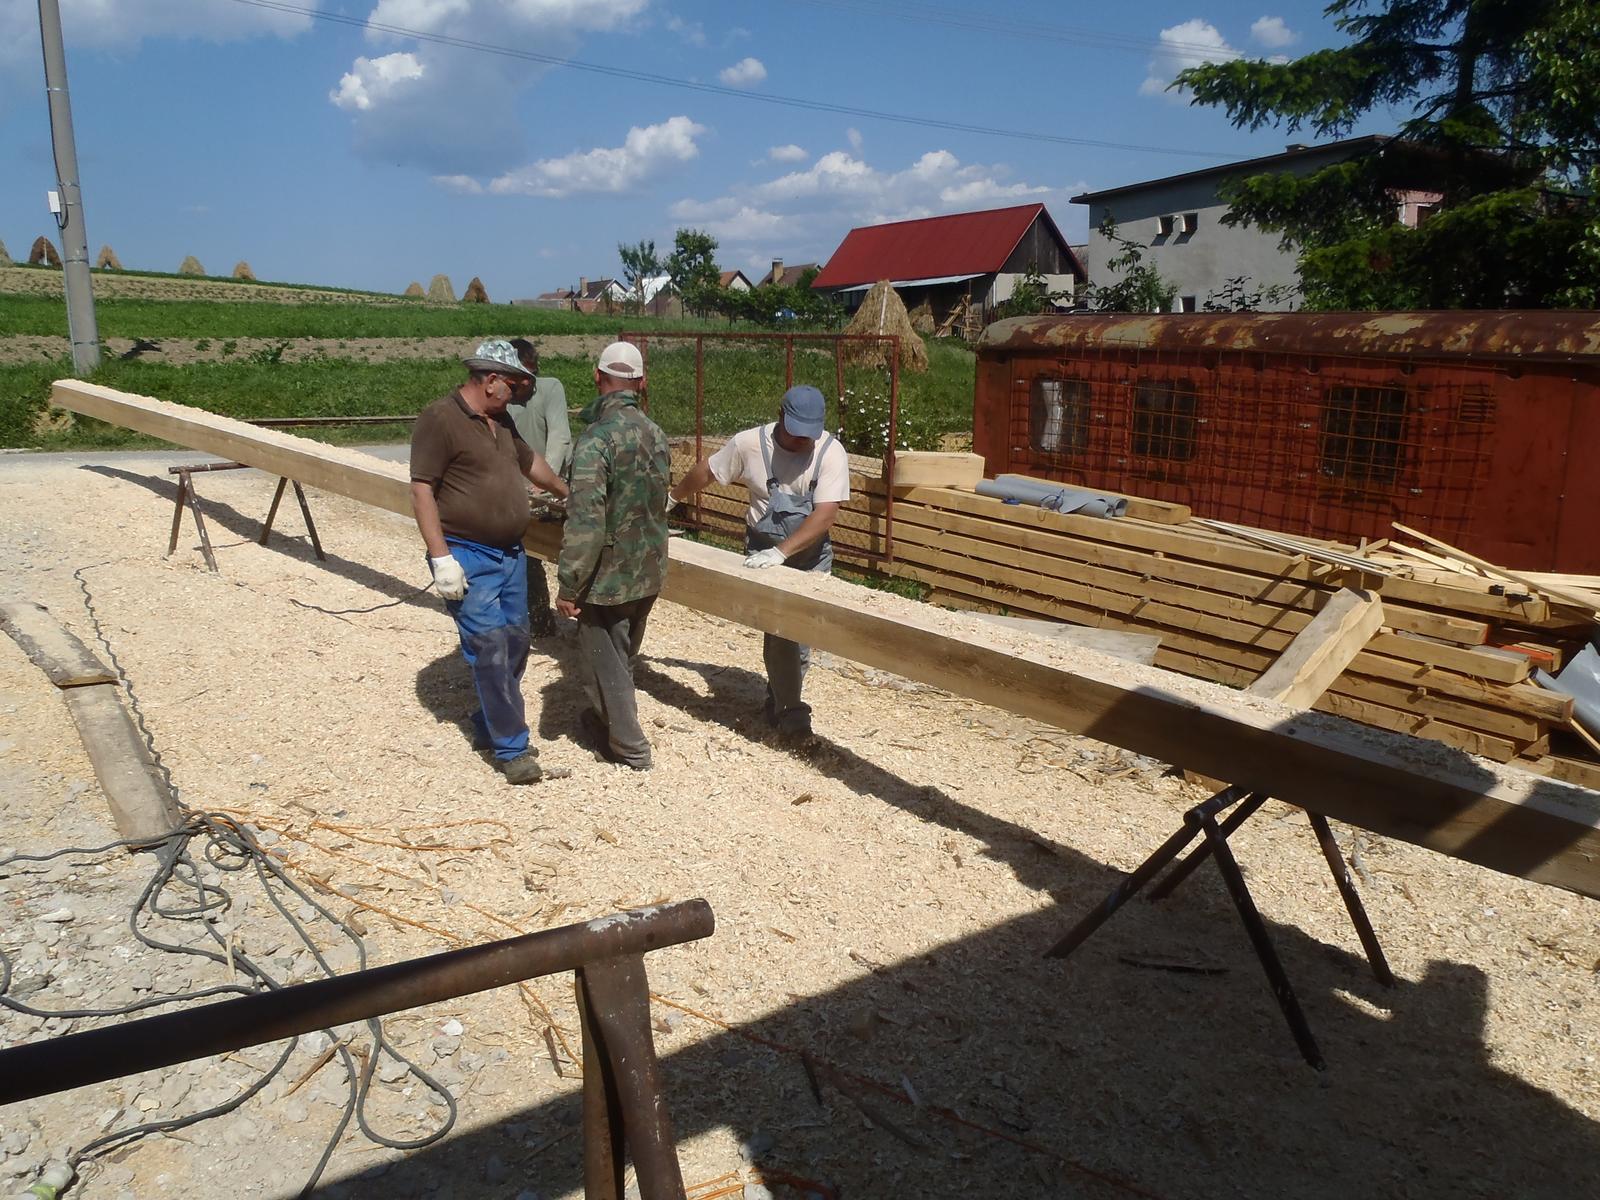 Náš veľký sen o drevenom domčeku! - Obrázok č. 89